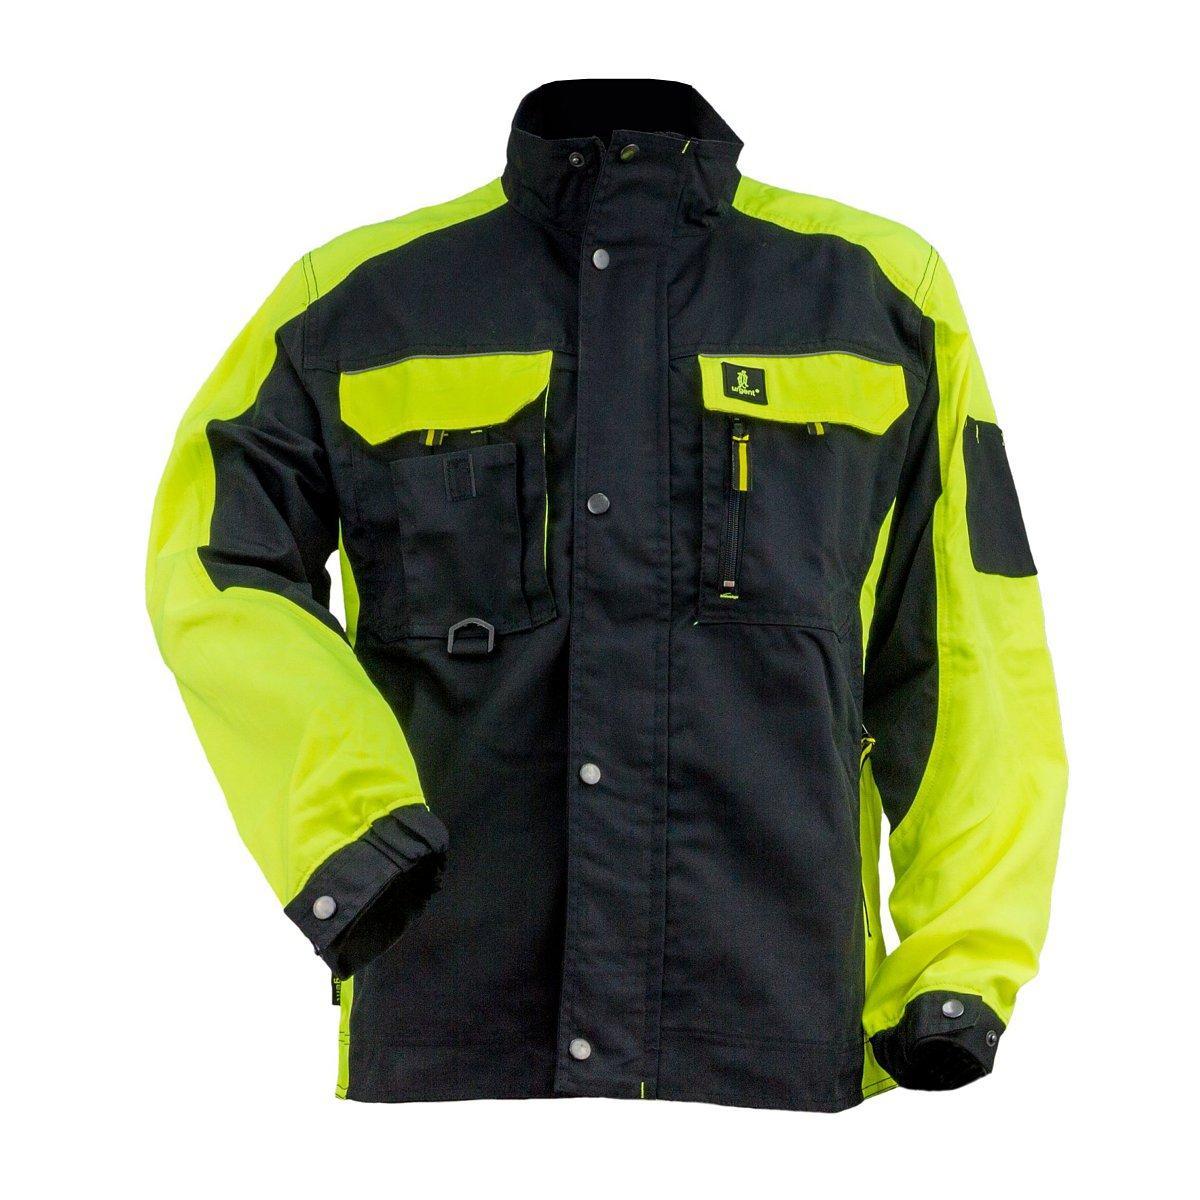 Куртка рабочая URG-Y ( 260g ) из полиэстера и хлопка, черно-зеленого цвета.Urgent